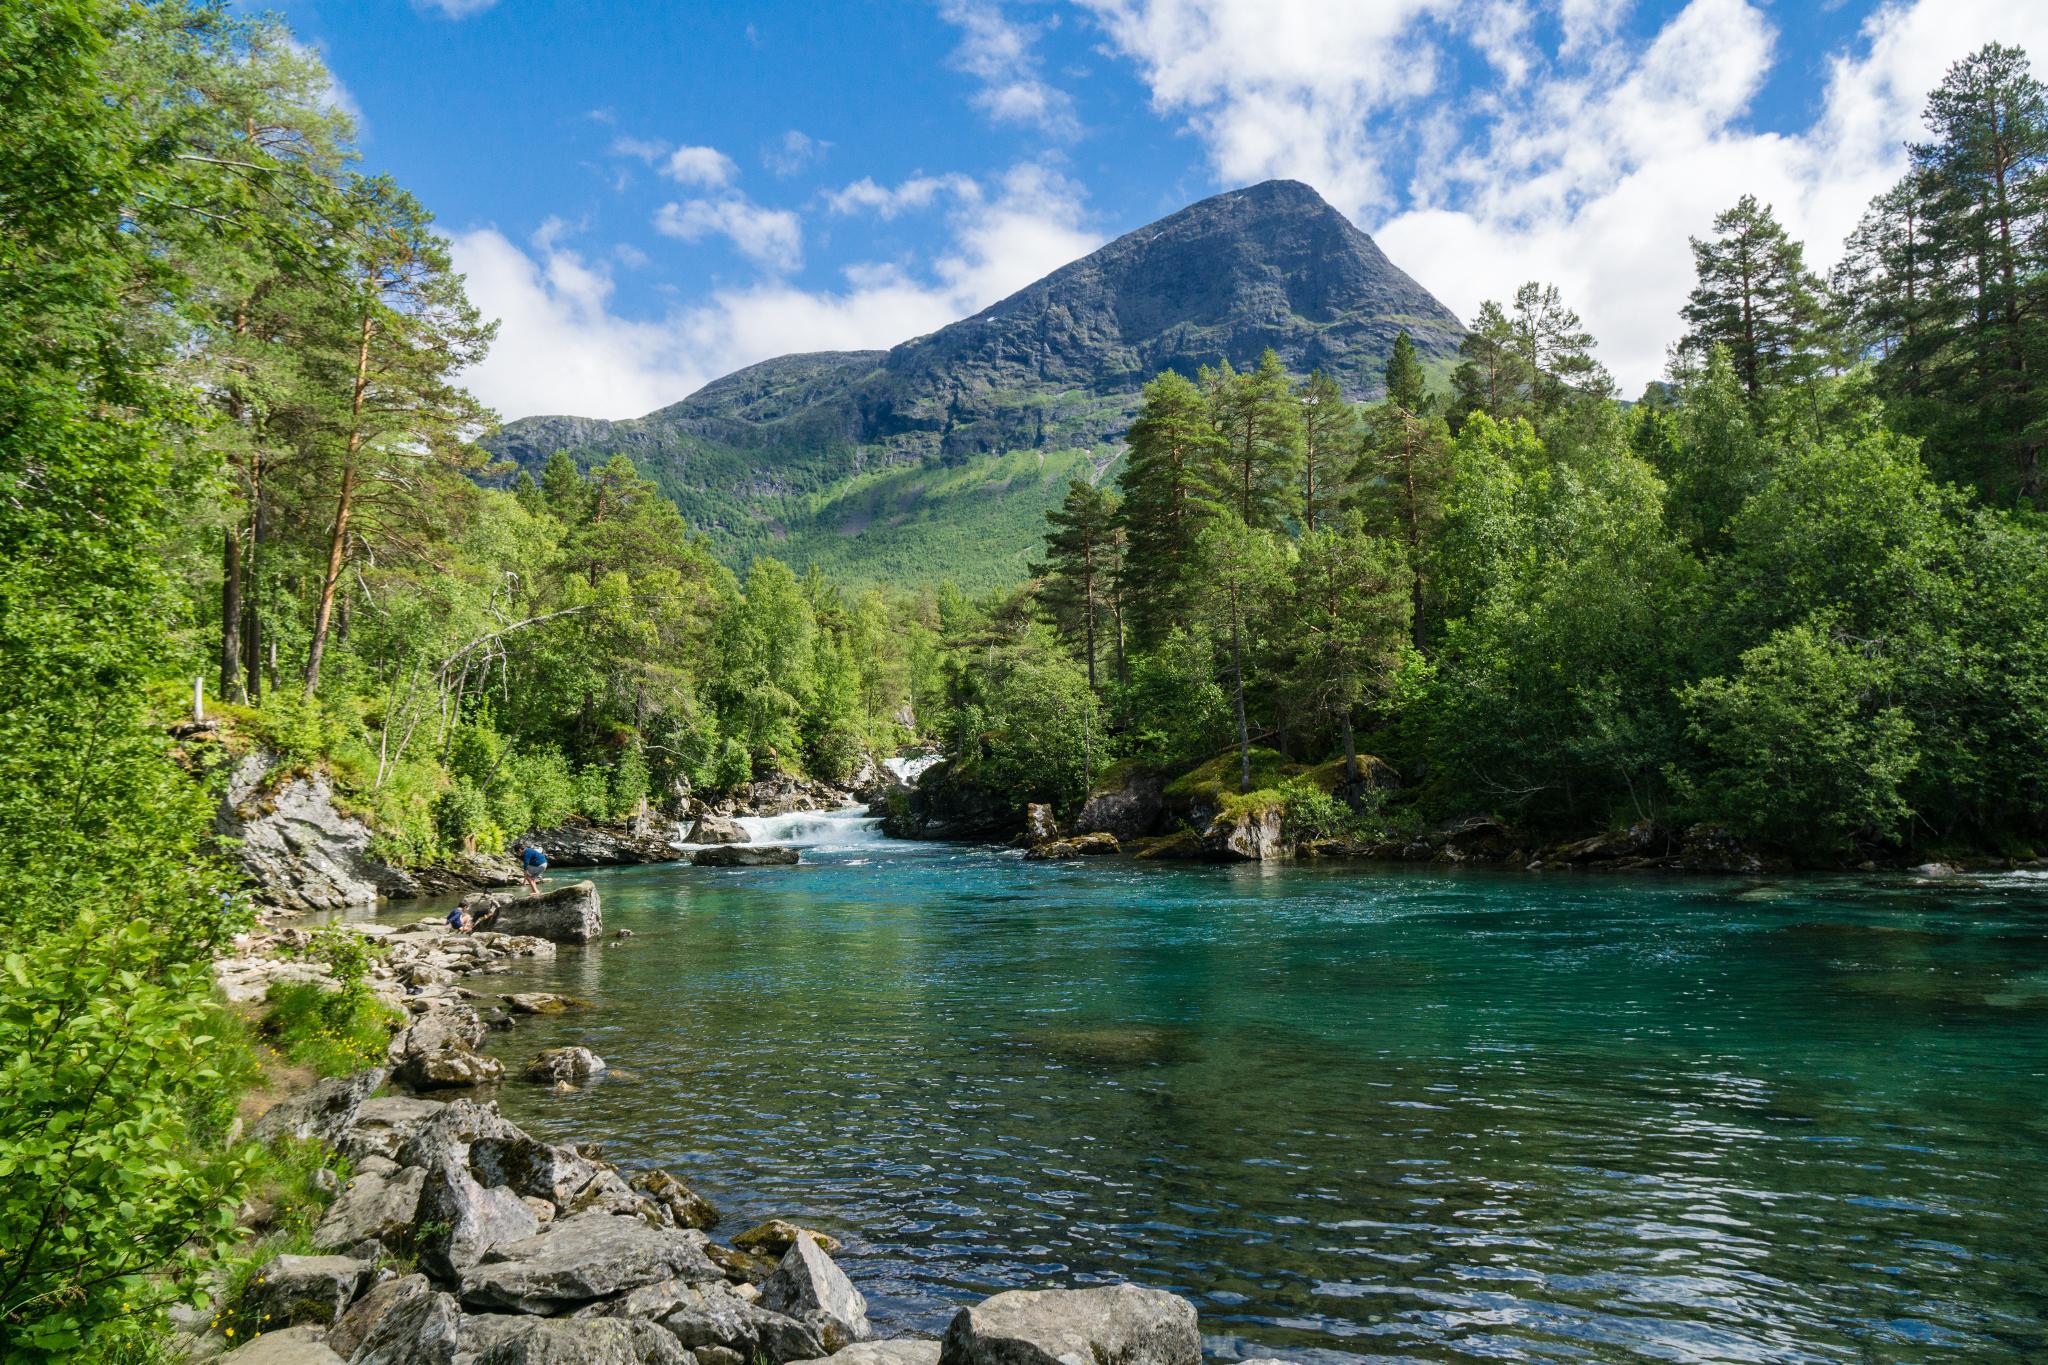 【北歐景點】Trollstigen 精靈之路 ∣ 挪威最驚險的世界級景觀公路 35